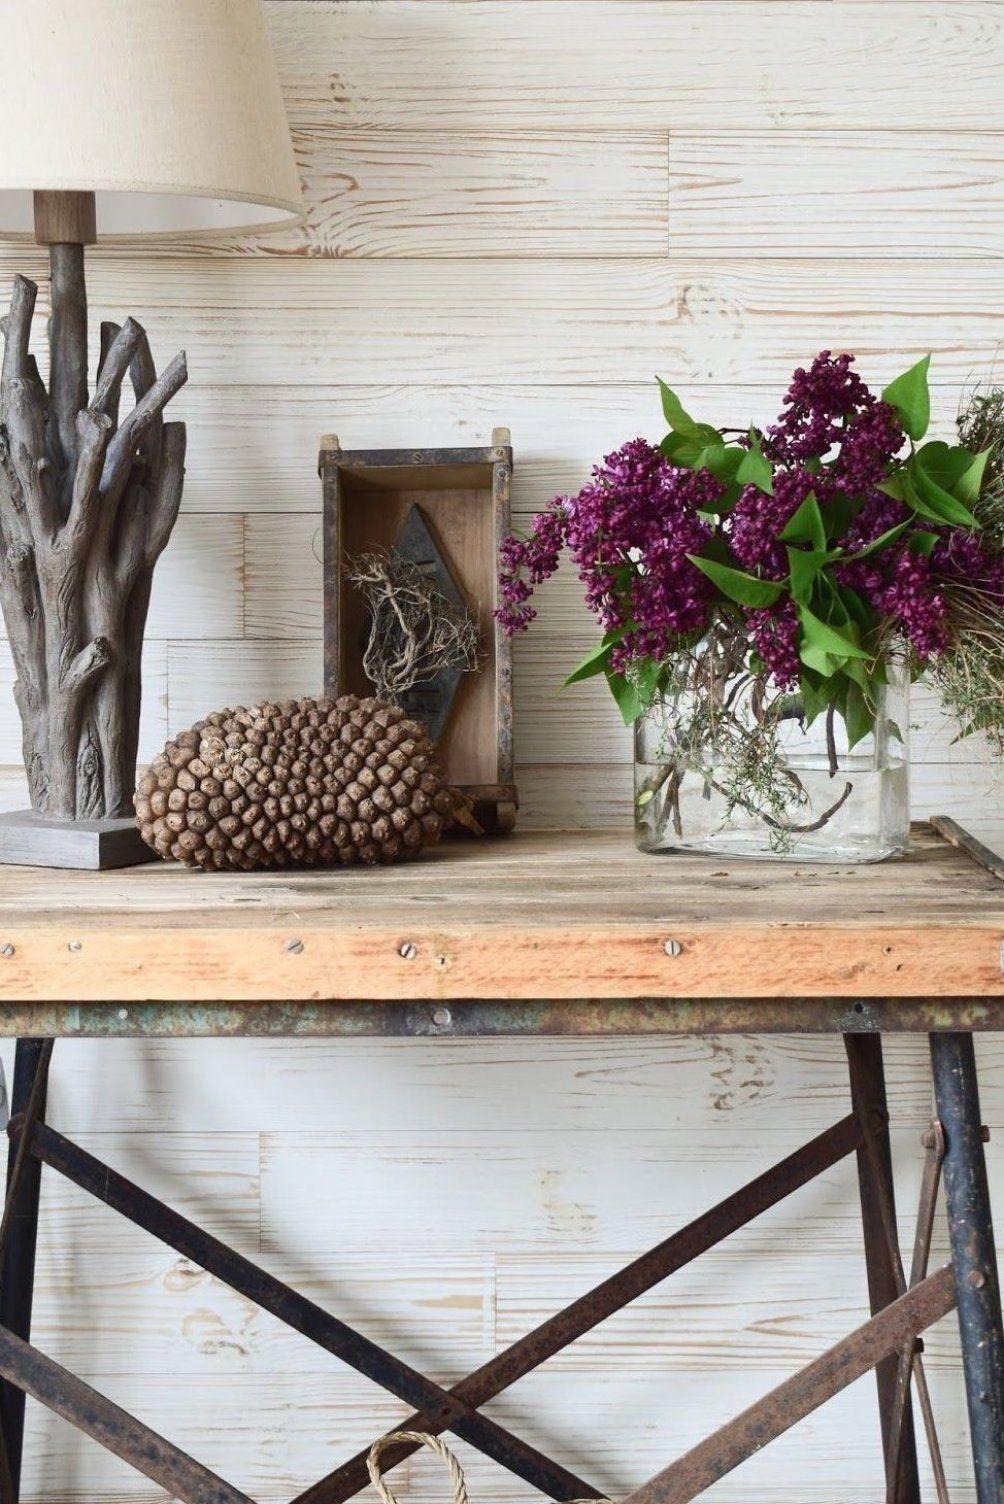 Flieder Dekoration f r die Wohnung Deko Tisch mit Flieder dekorieren und schneiden Nat rliche ...